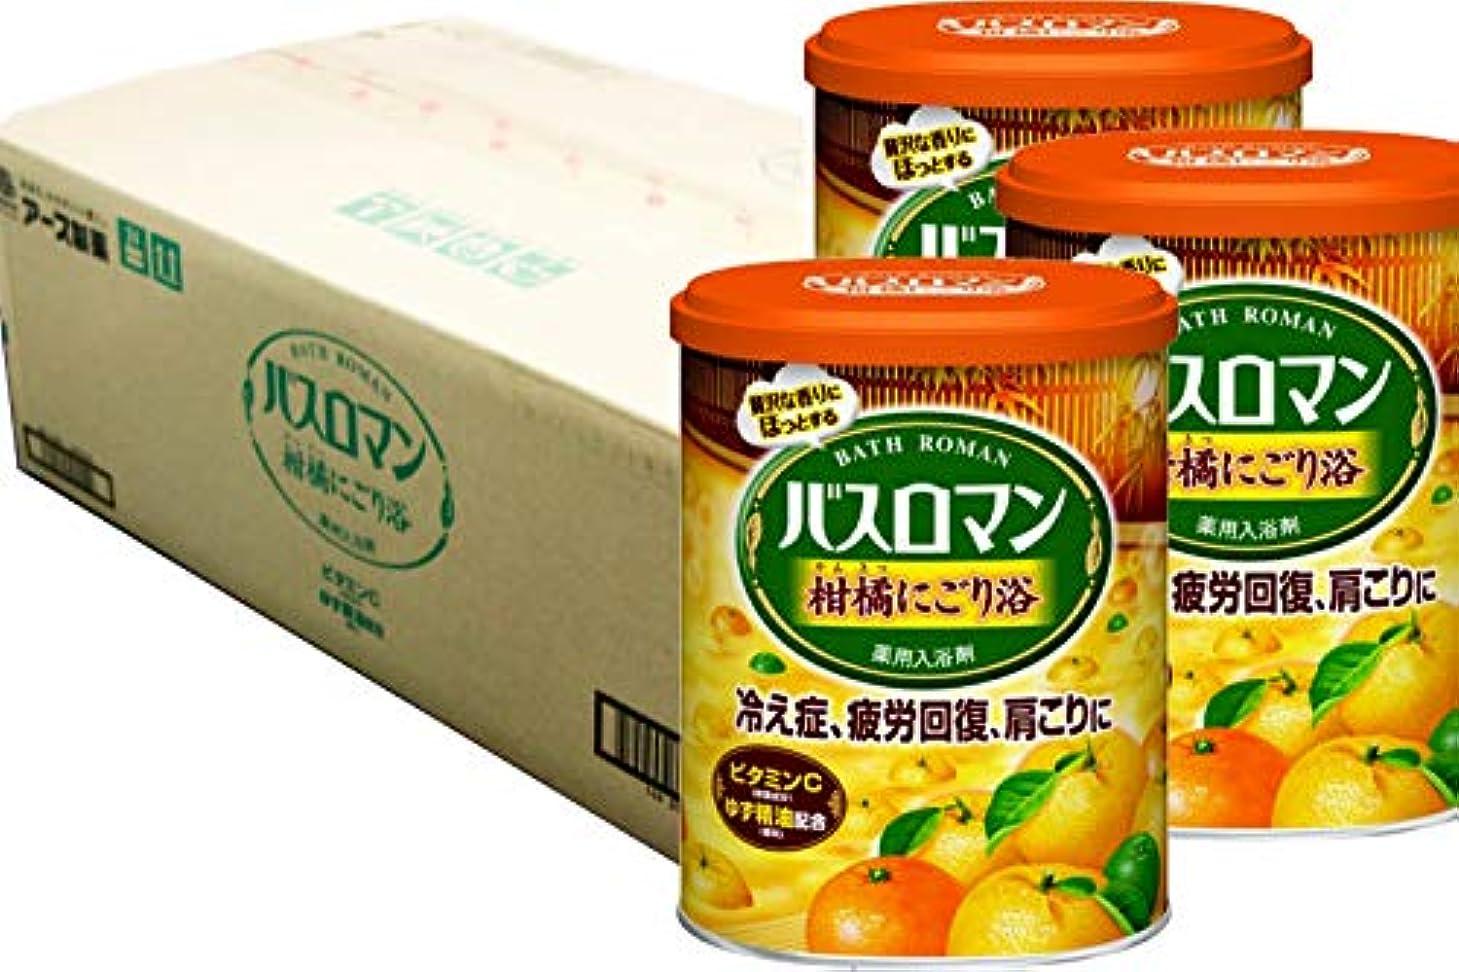 バスロマン 柑橘にごり浴 (1ケース(12個入))